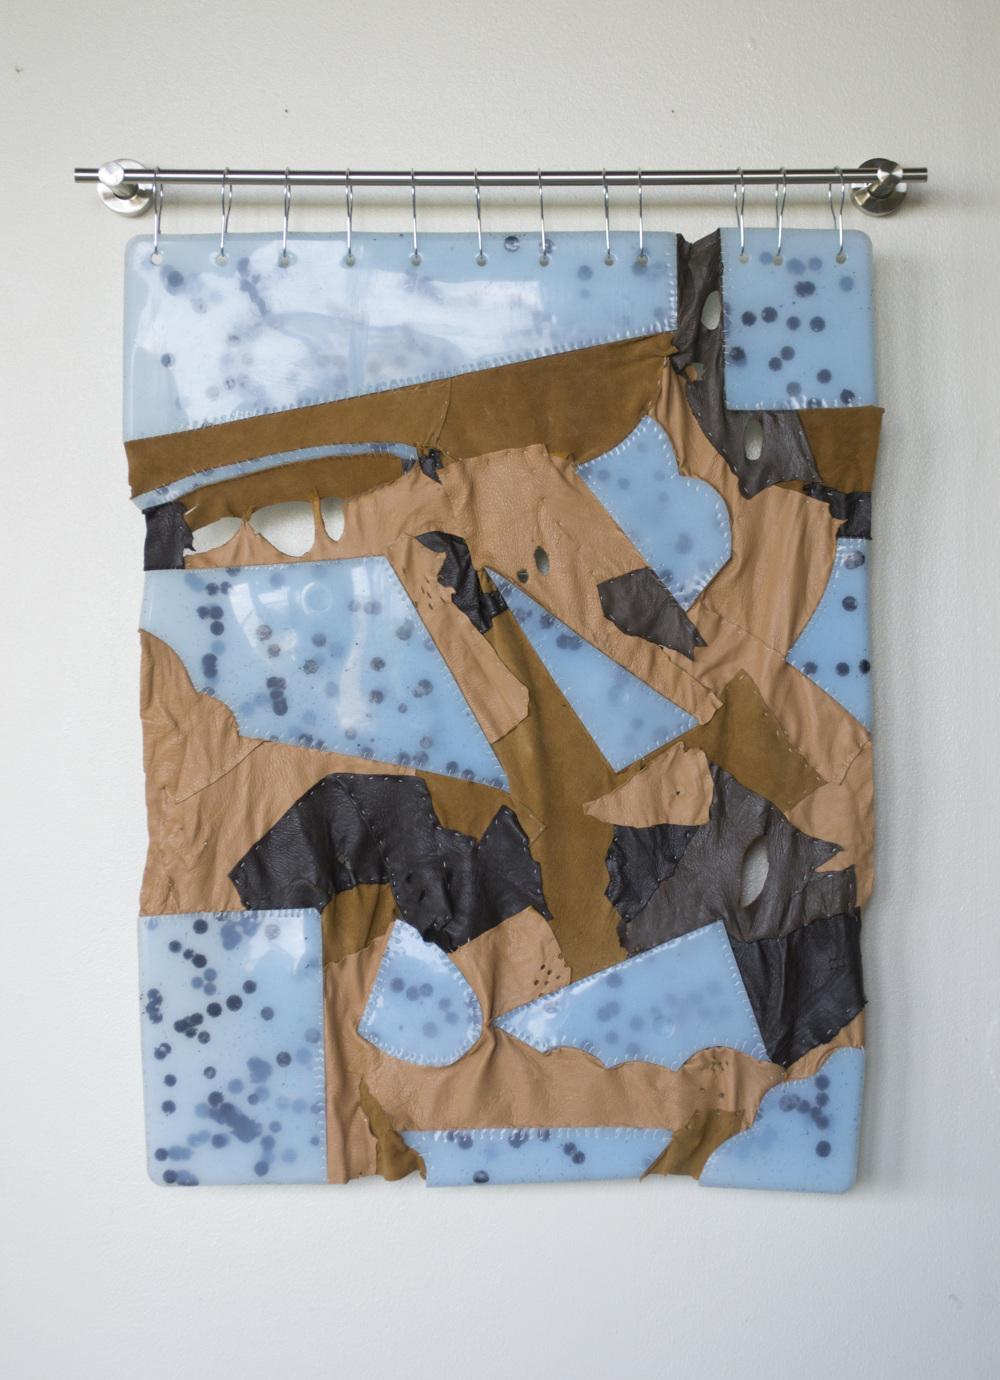 Towel_3_03_1000.JPG